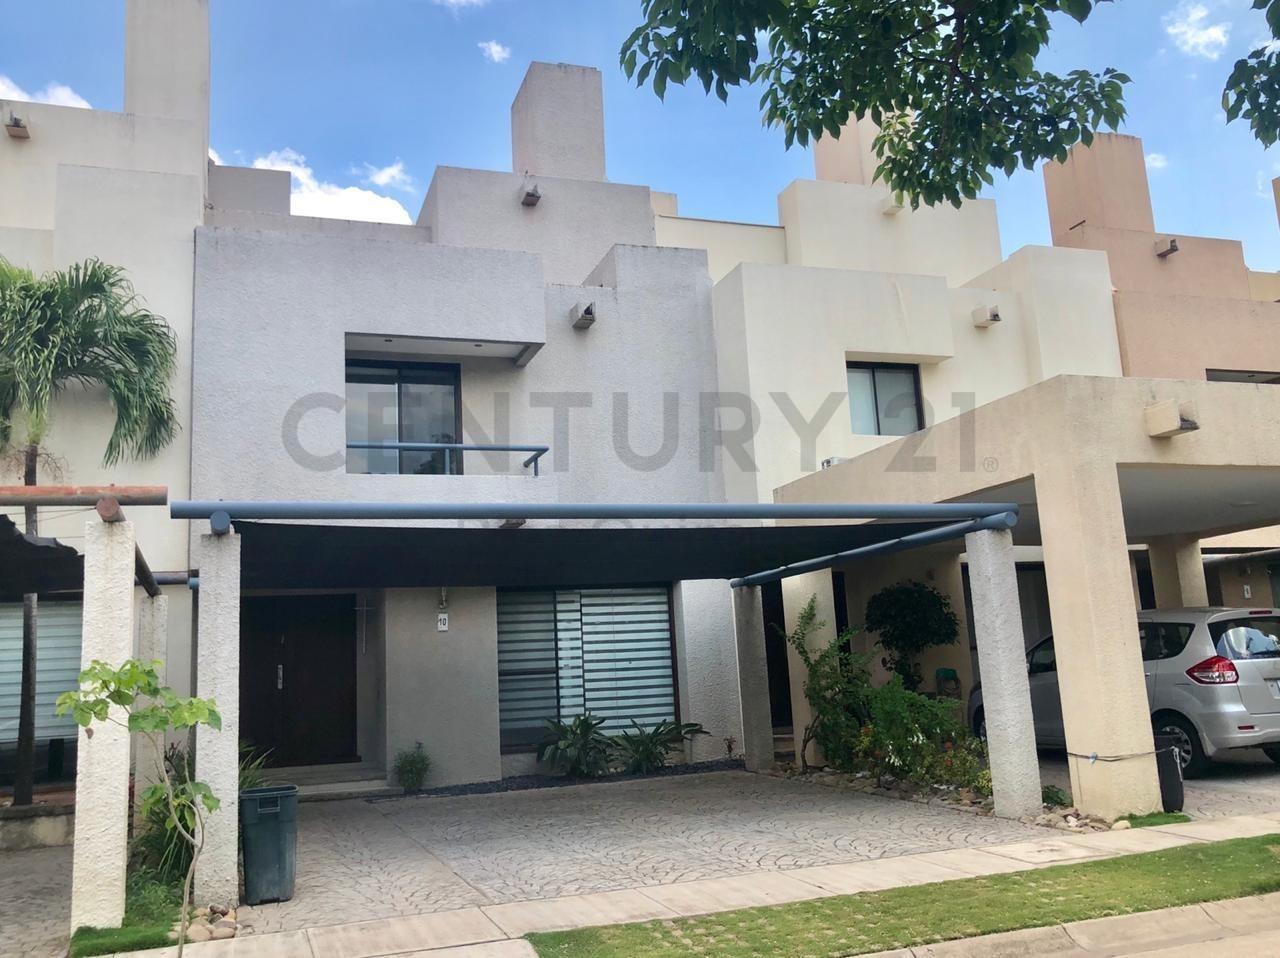 Casa en Alquiler CASA EN ALQUILER – CONDOMINIO CIUDAD REAL Foto 7